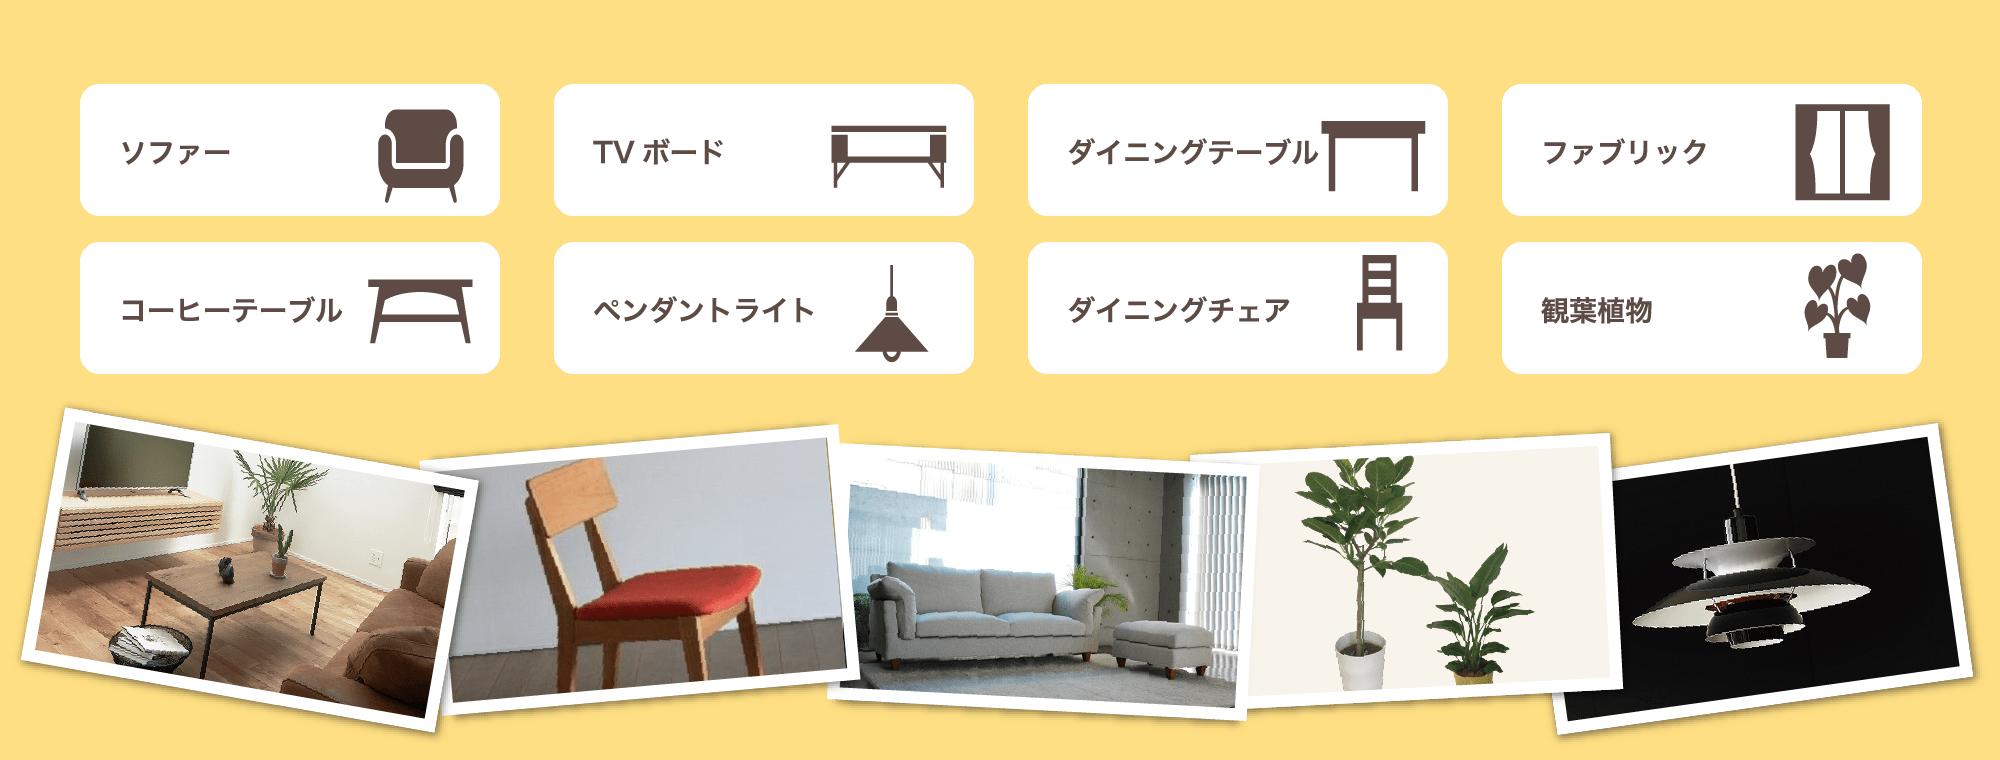 ソファー TVボード ダイニングテーブル ファブリック コーヒーテーブル ペンダントライト ダイニングチェア 観葉植物